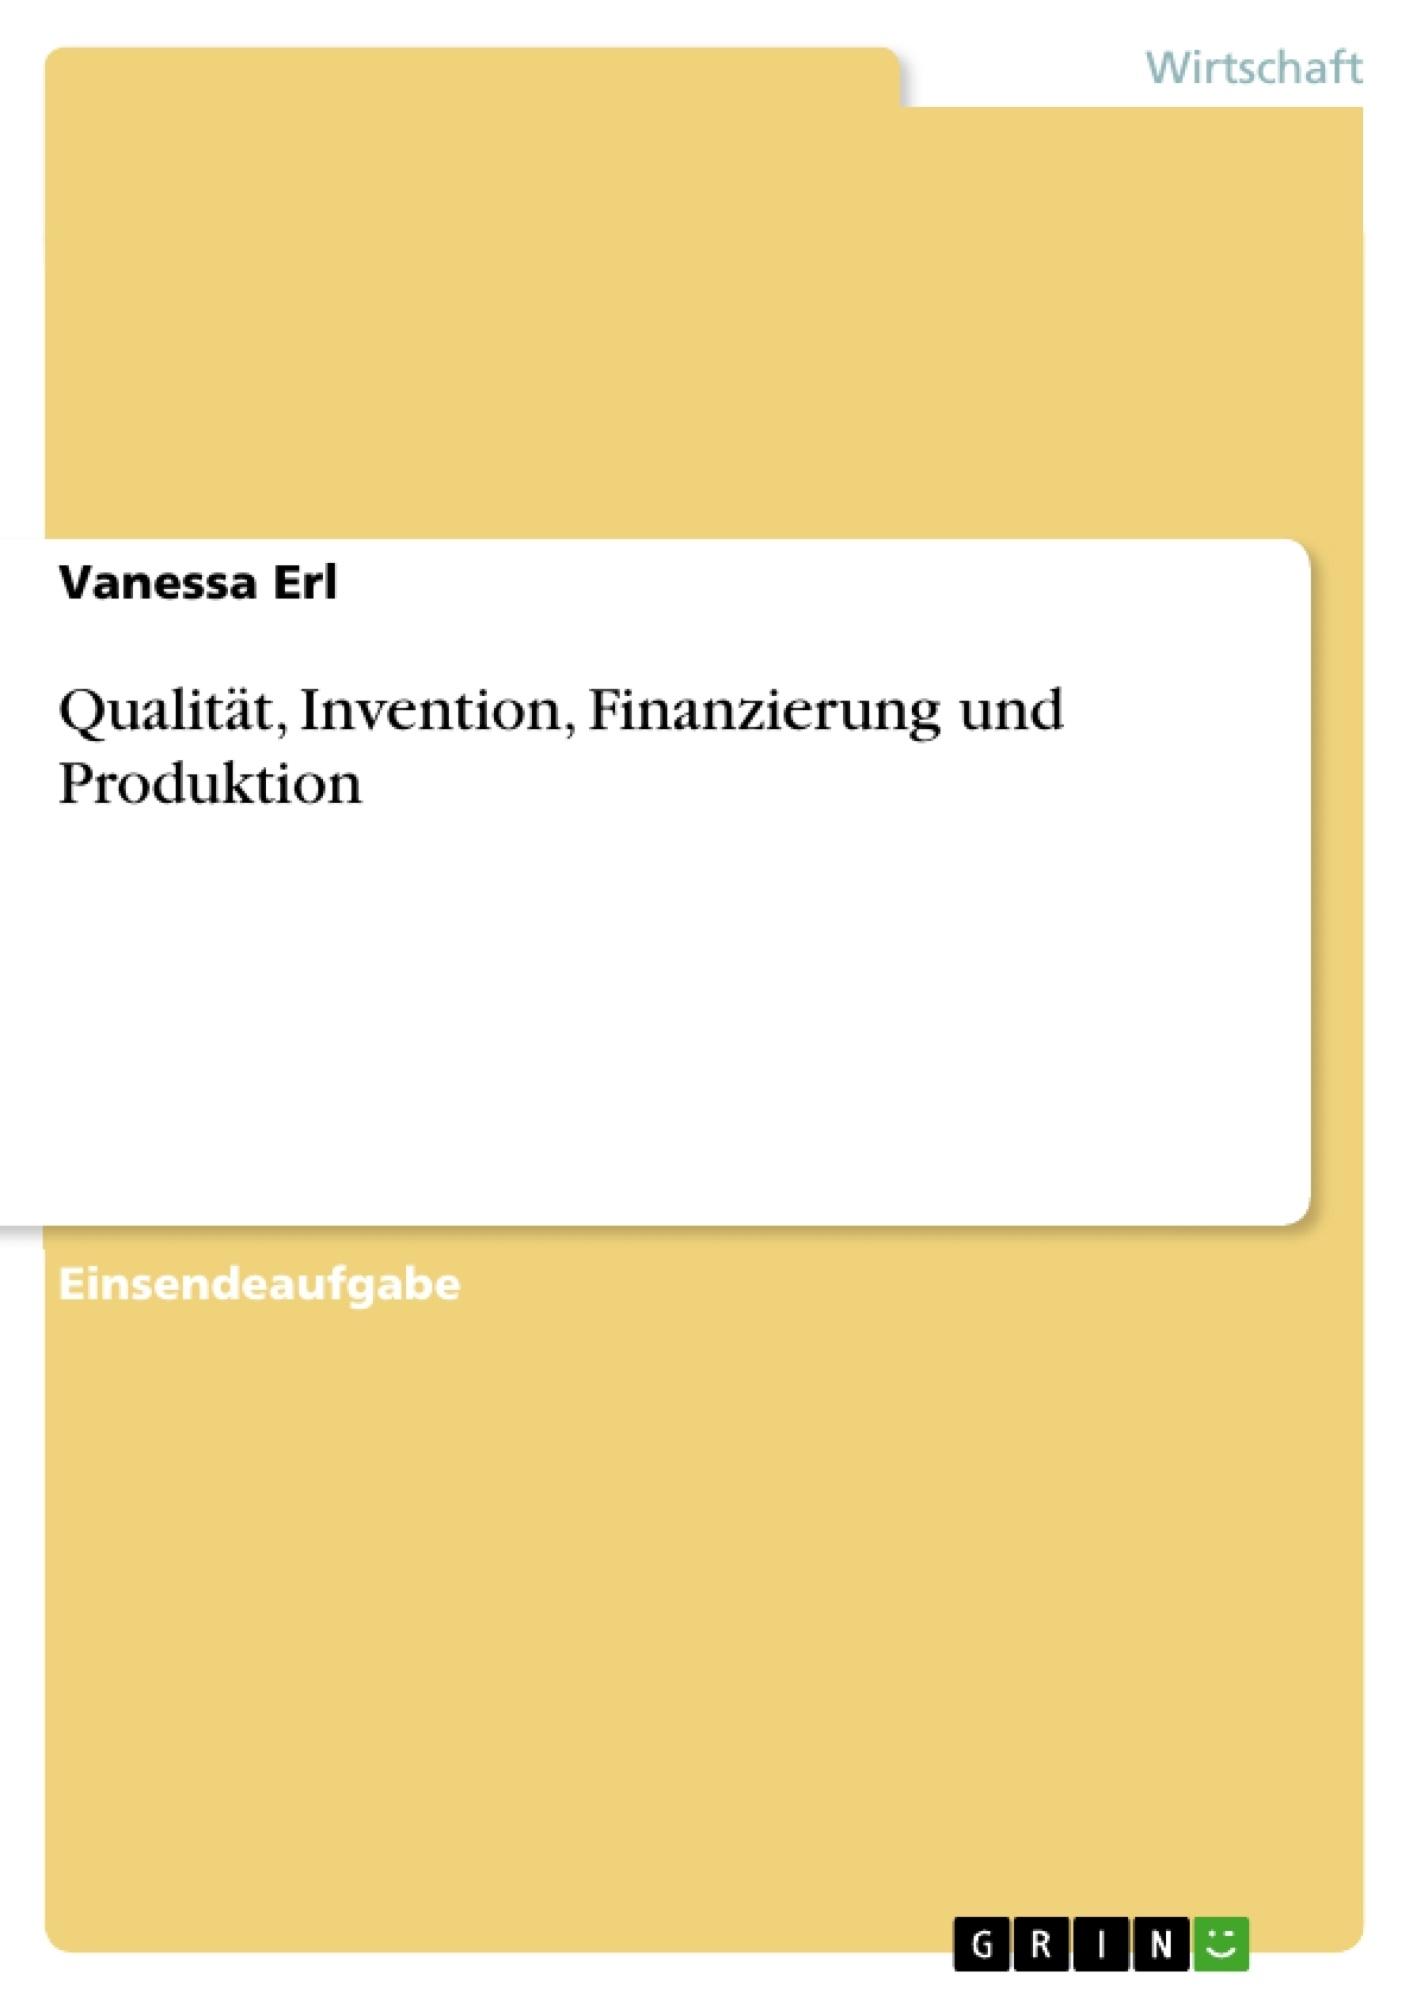 Titel: Qualität, Invention, Finanzierung und Produktion